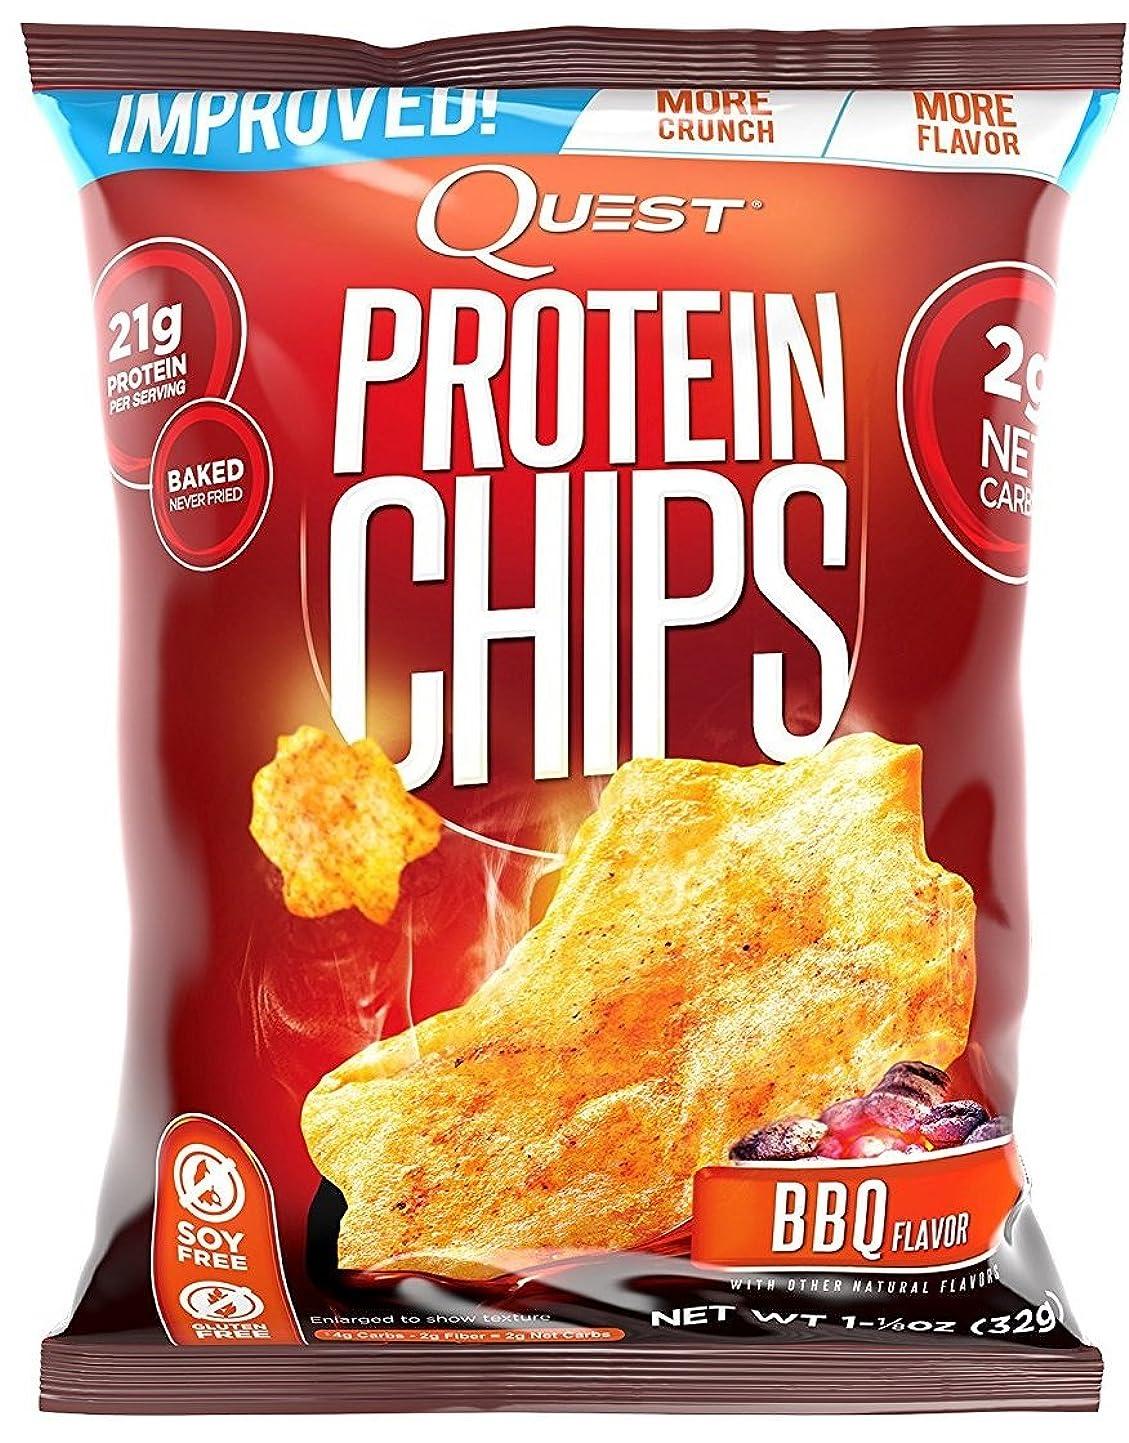 宿題をする創始者だらしないプロテイン チップス(Protein Chips) バーベキュー味 8袋セット [並行輸入品]